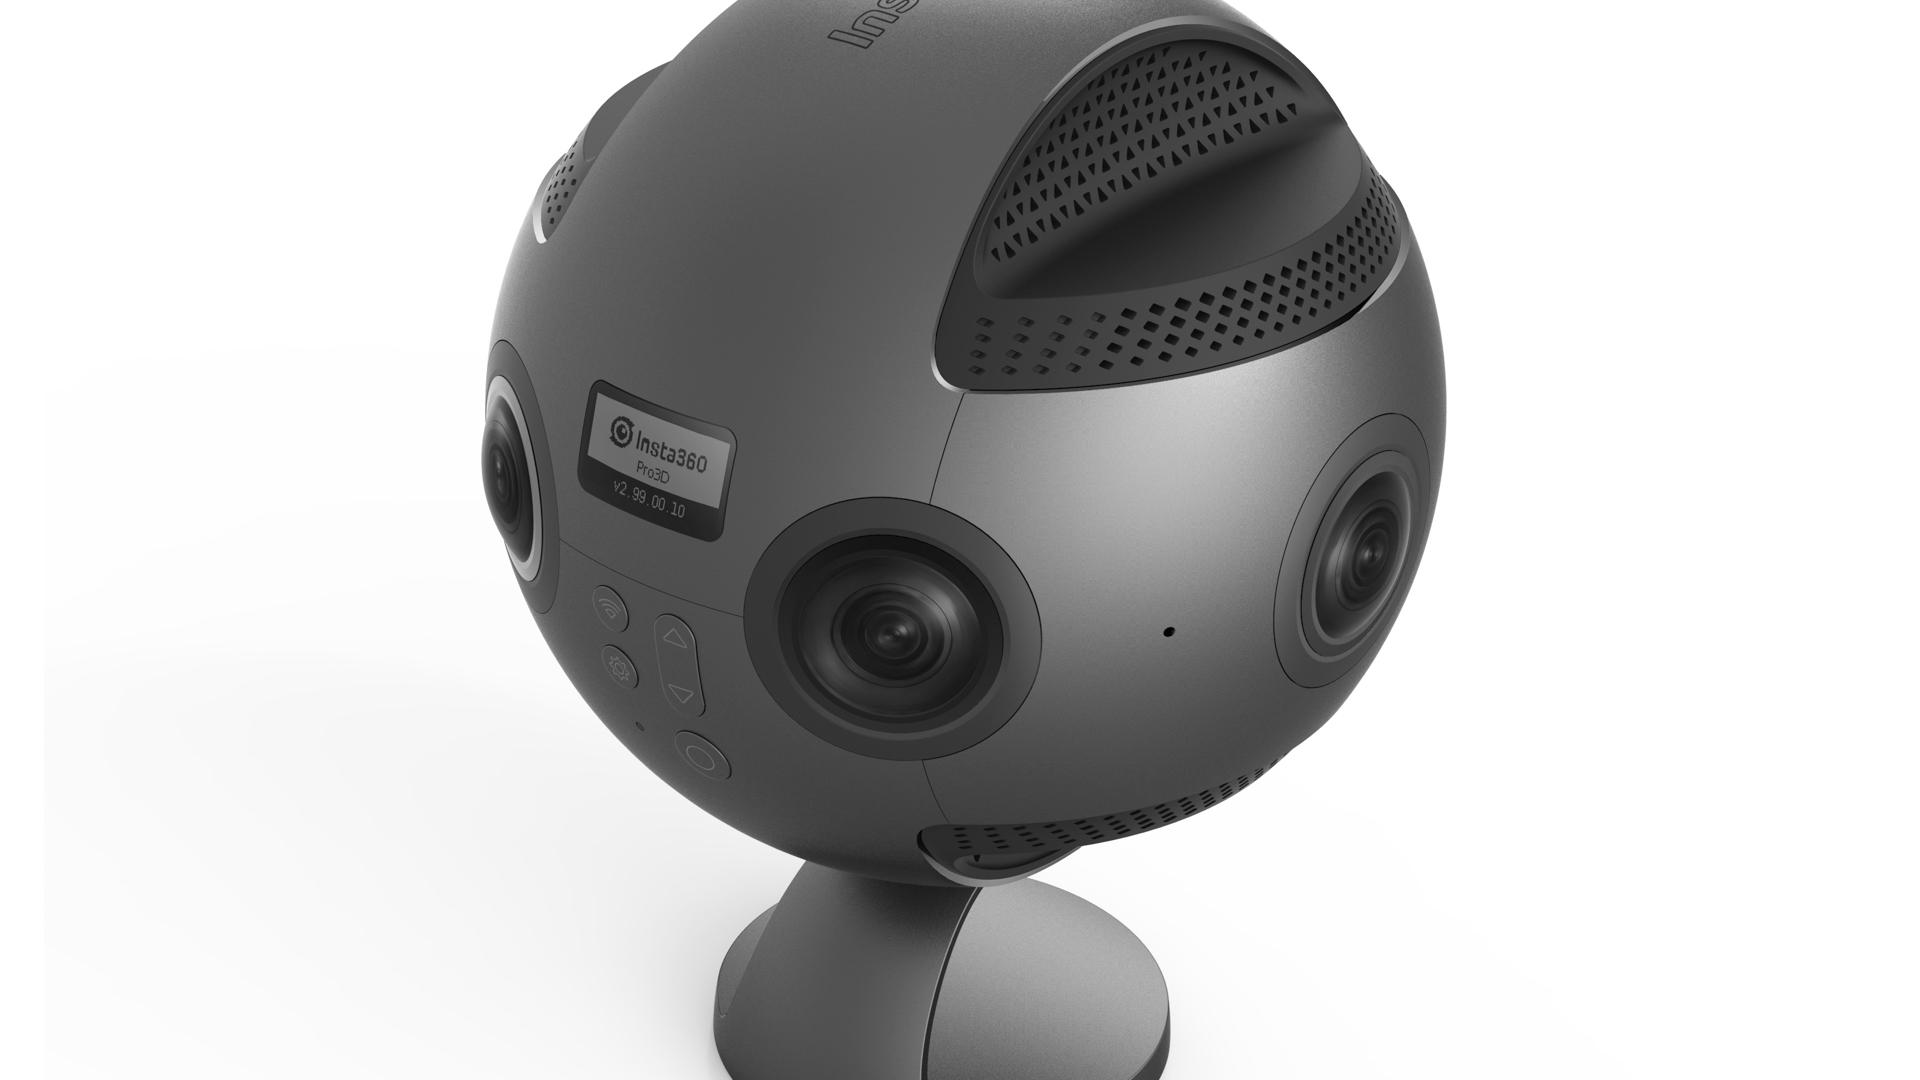 Insta360 Pro VRカメラ - バーチャルリアリティカメラも8Kに